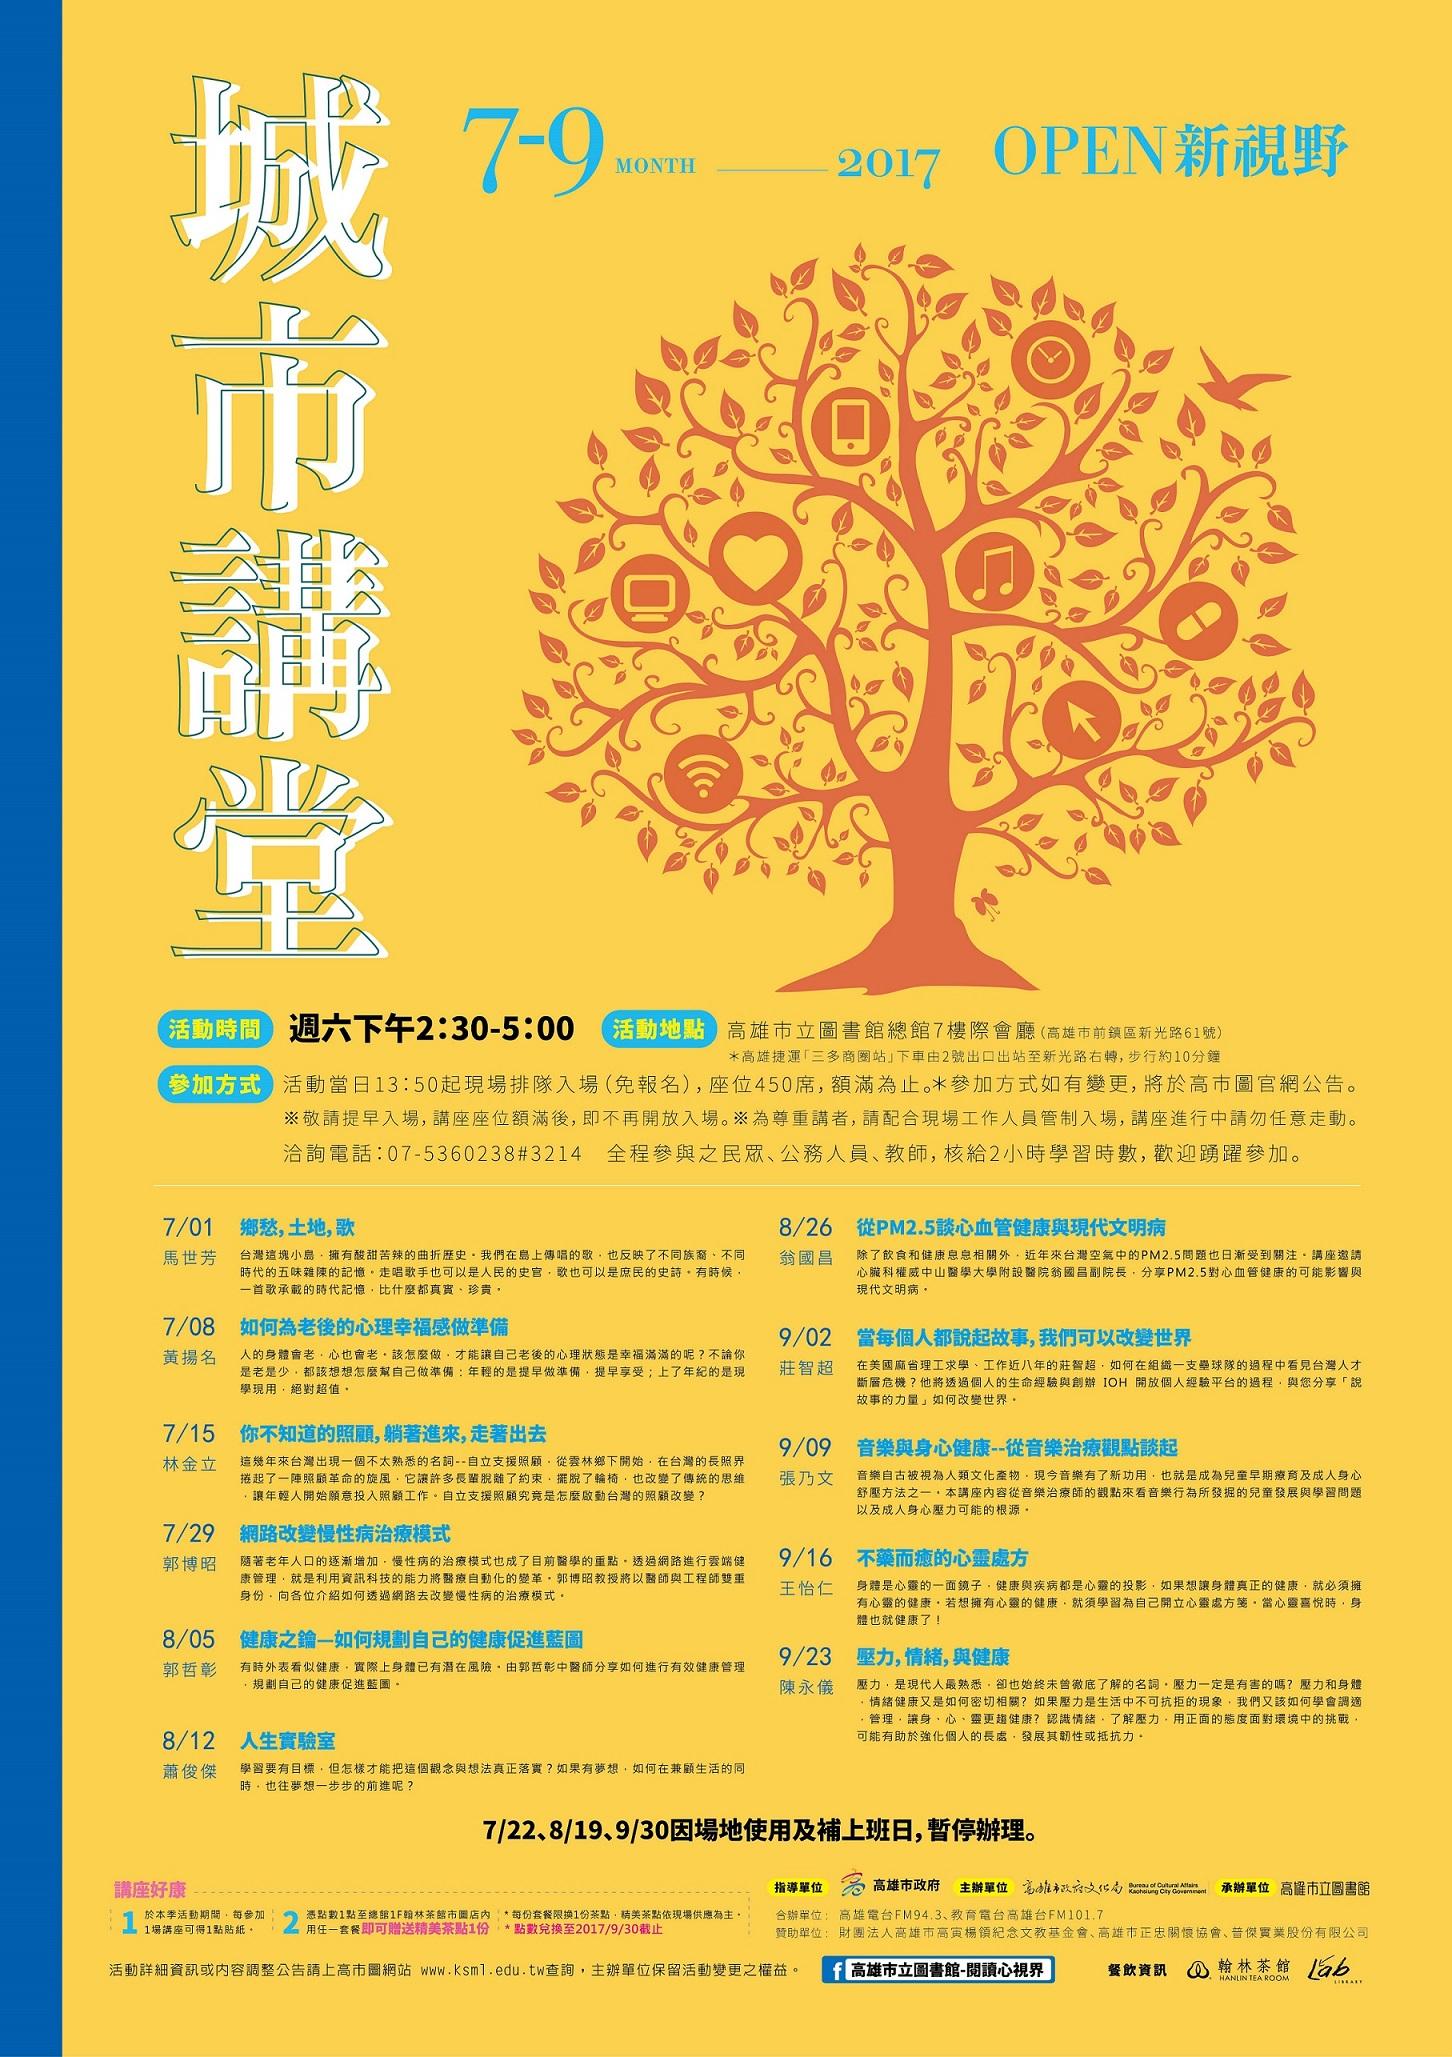 「2017城市講堂:OPEN新視野」、「岡山講堂」7至9月活動,歡迎市民朋友參加